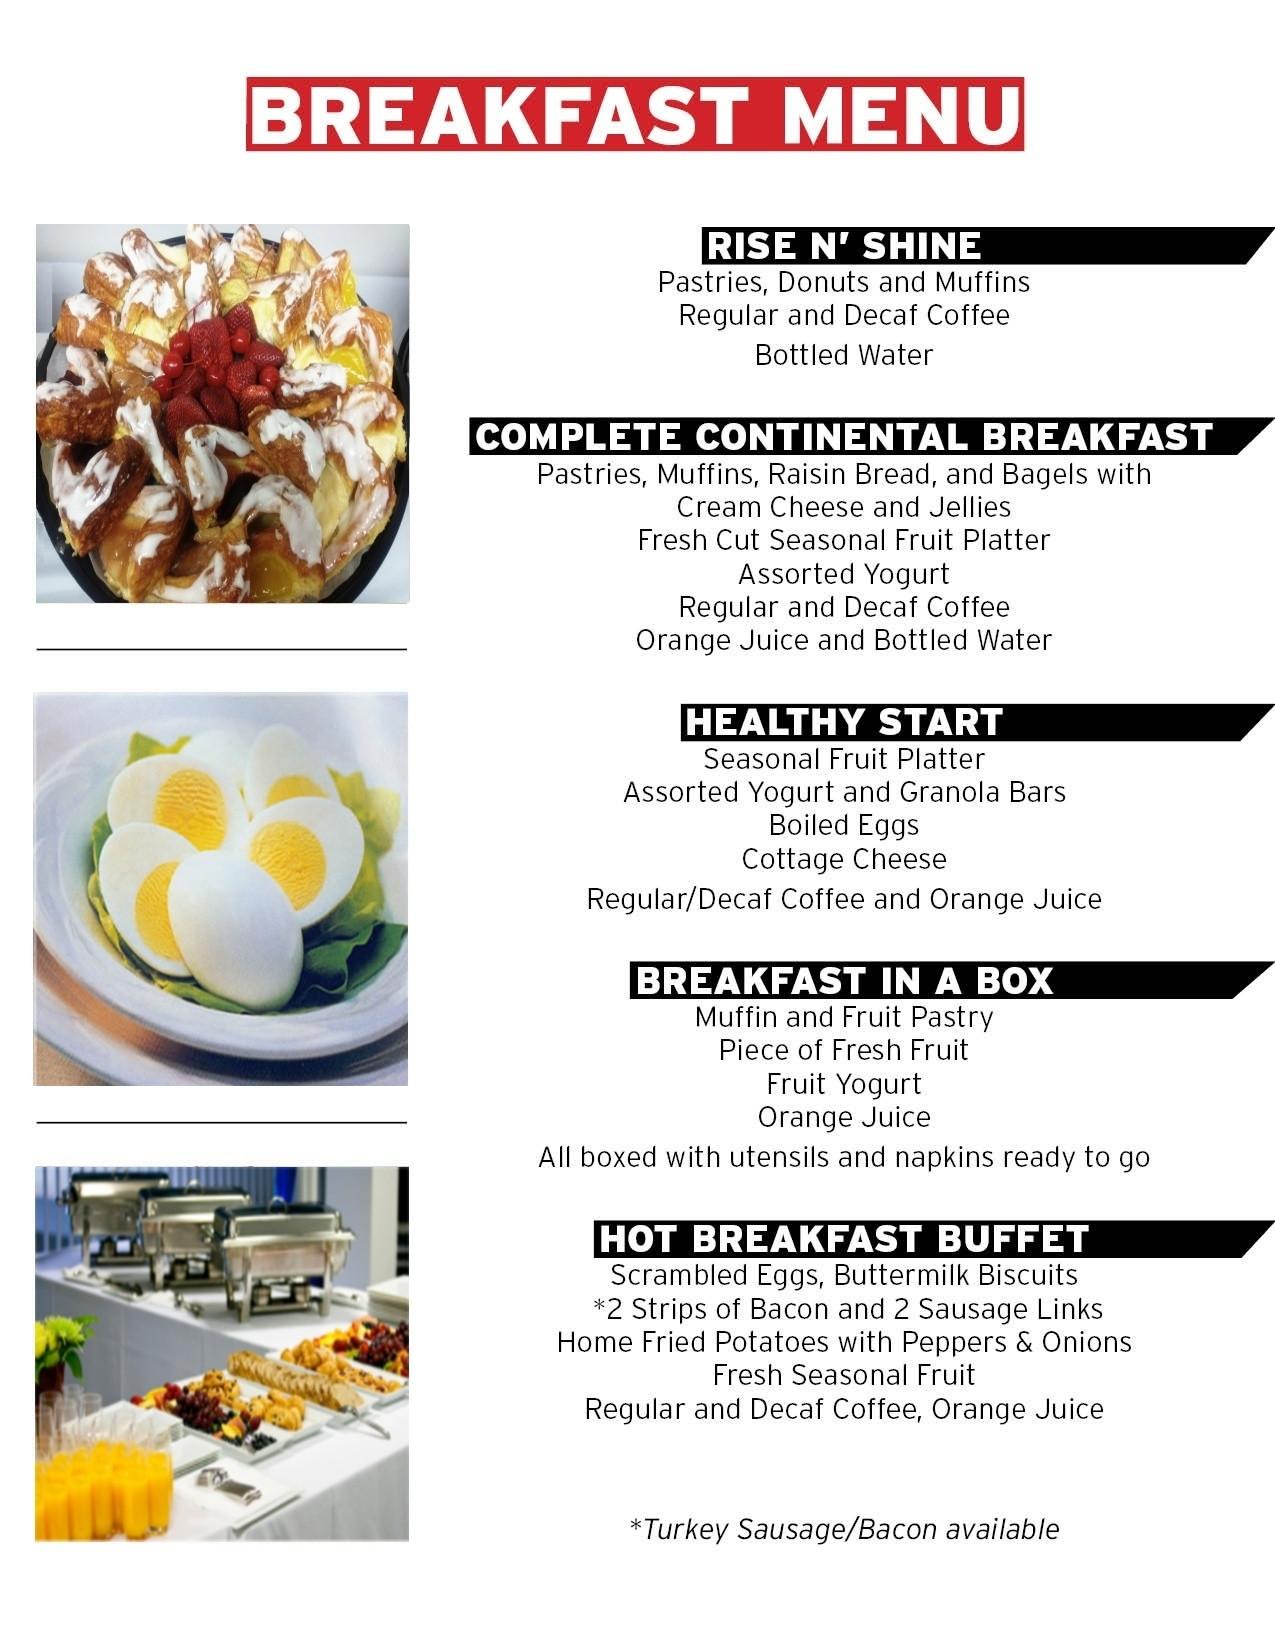 Healthy Breakfast For A Week  Healthy Breakfast Menu Ideas